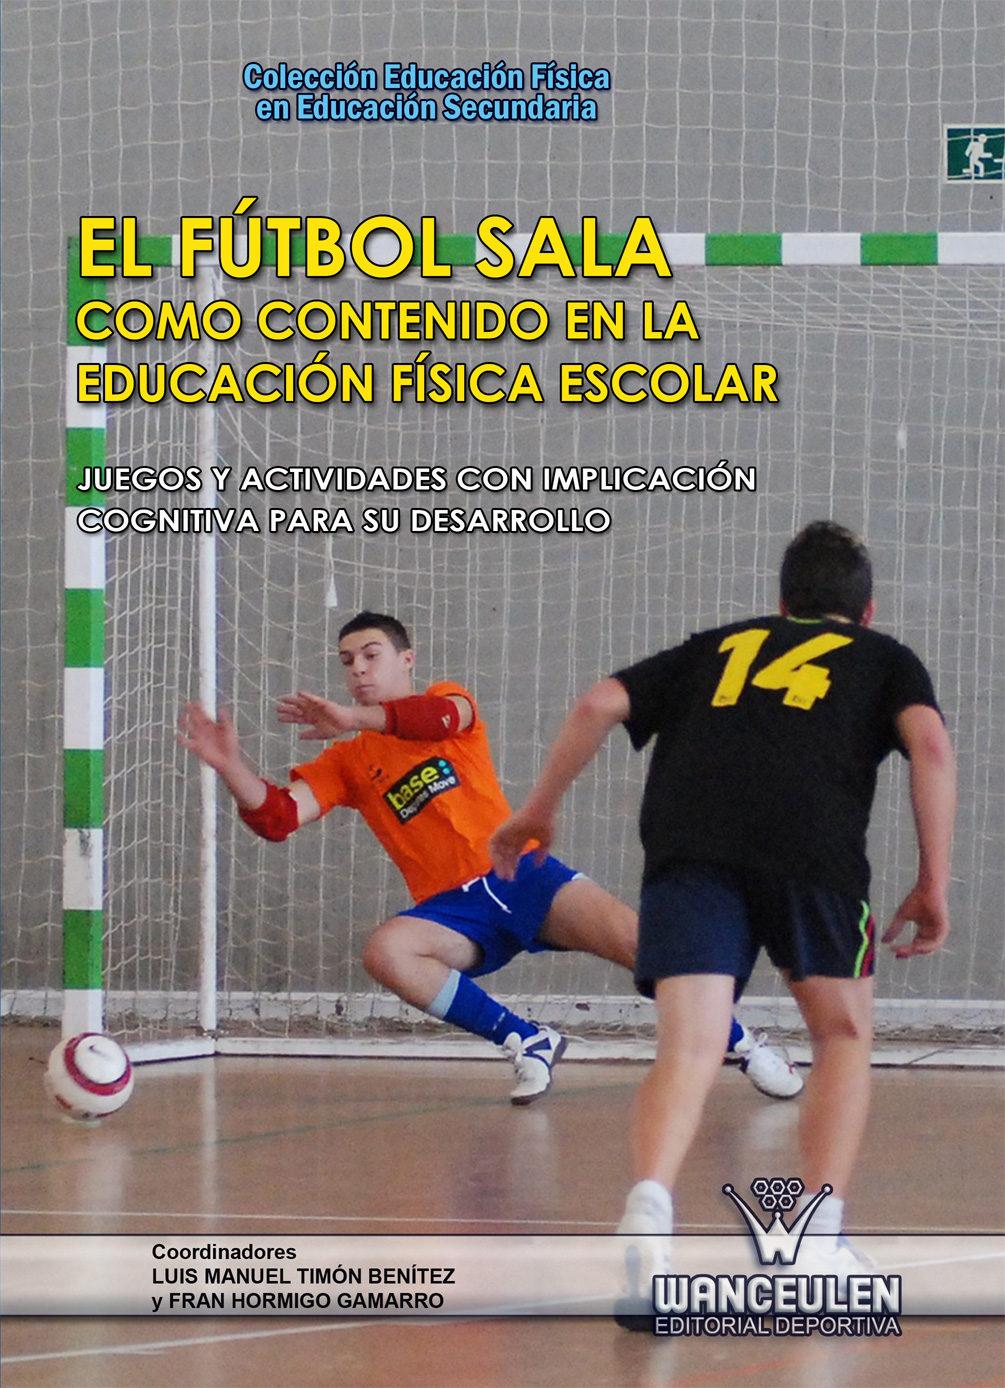 El Fútbol Sala Como Contenido En La Educación Física Escolar Ebook Manuales Y Ensayos El Corte Inglés